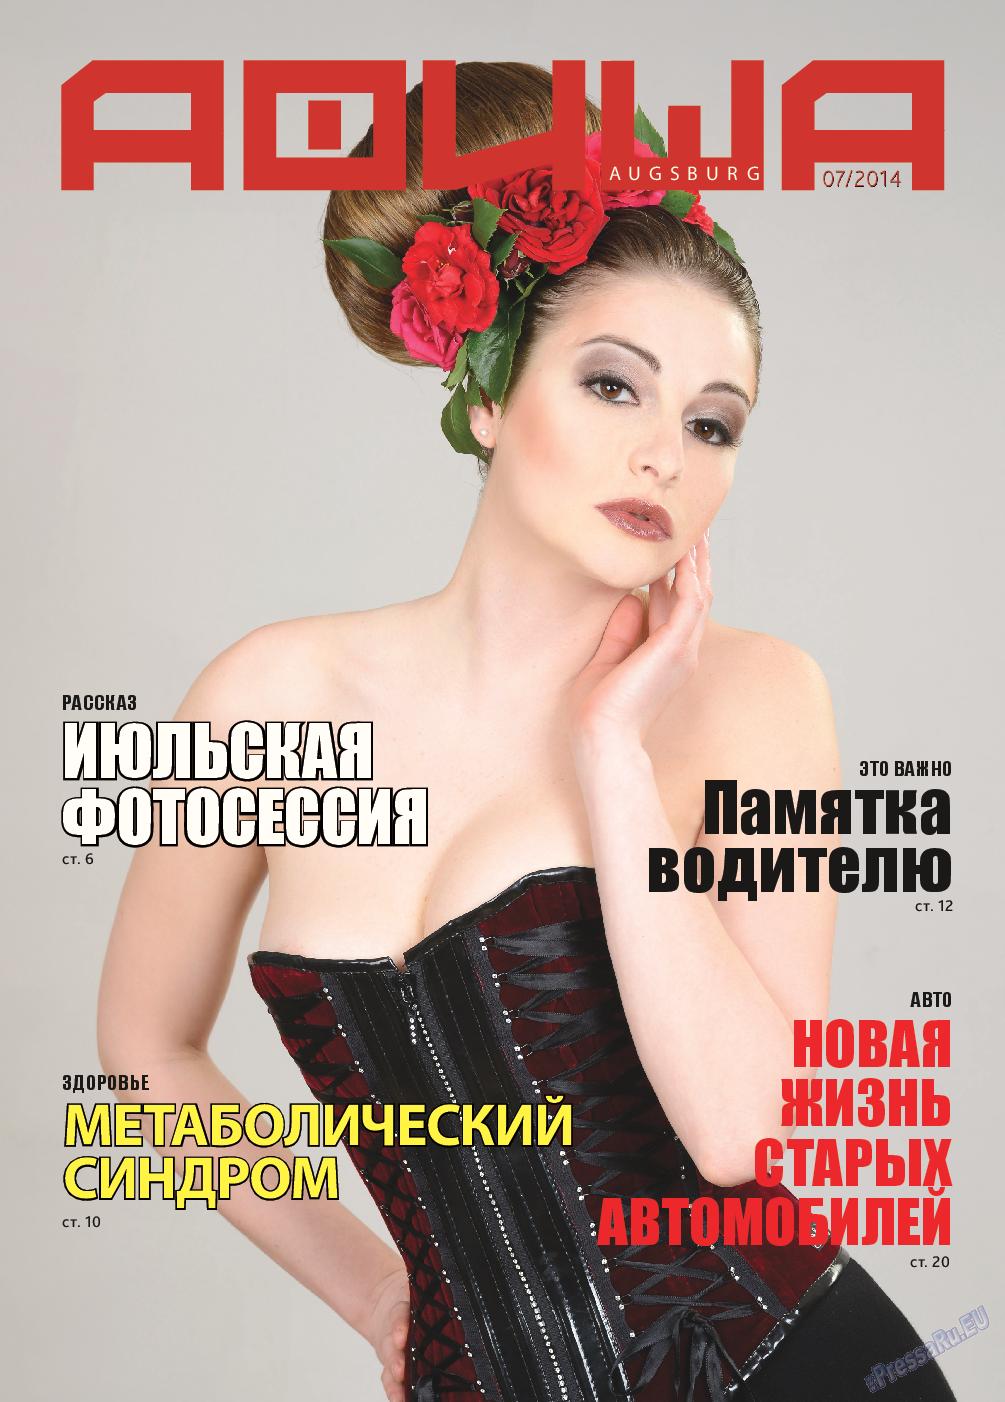 Афиша Augsburg (журнал). 2014 год, номер 7, стр. 1